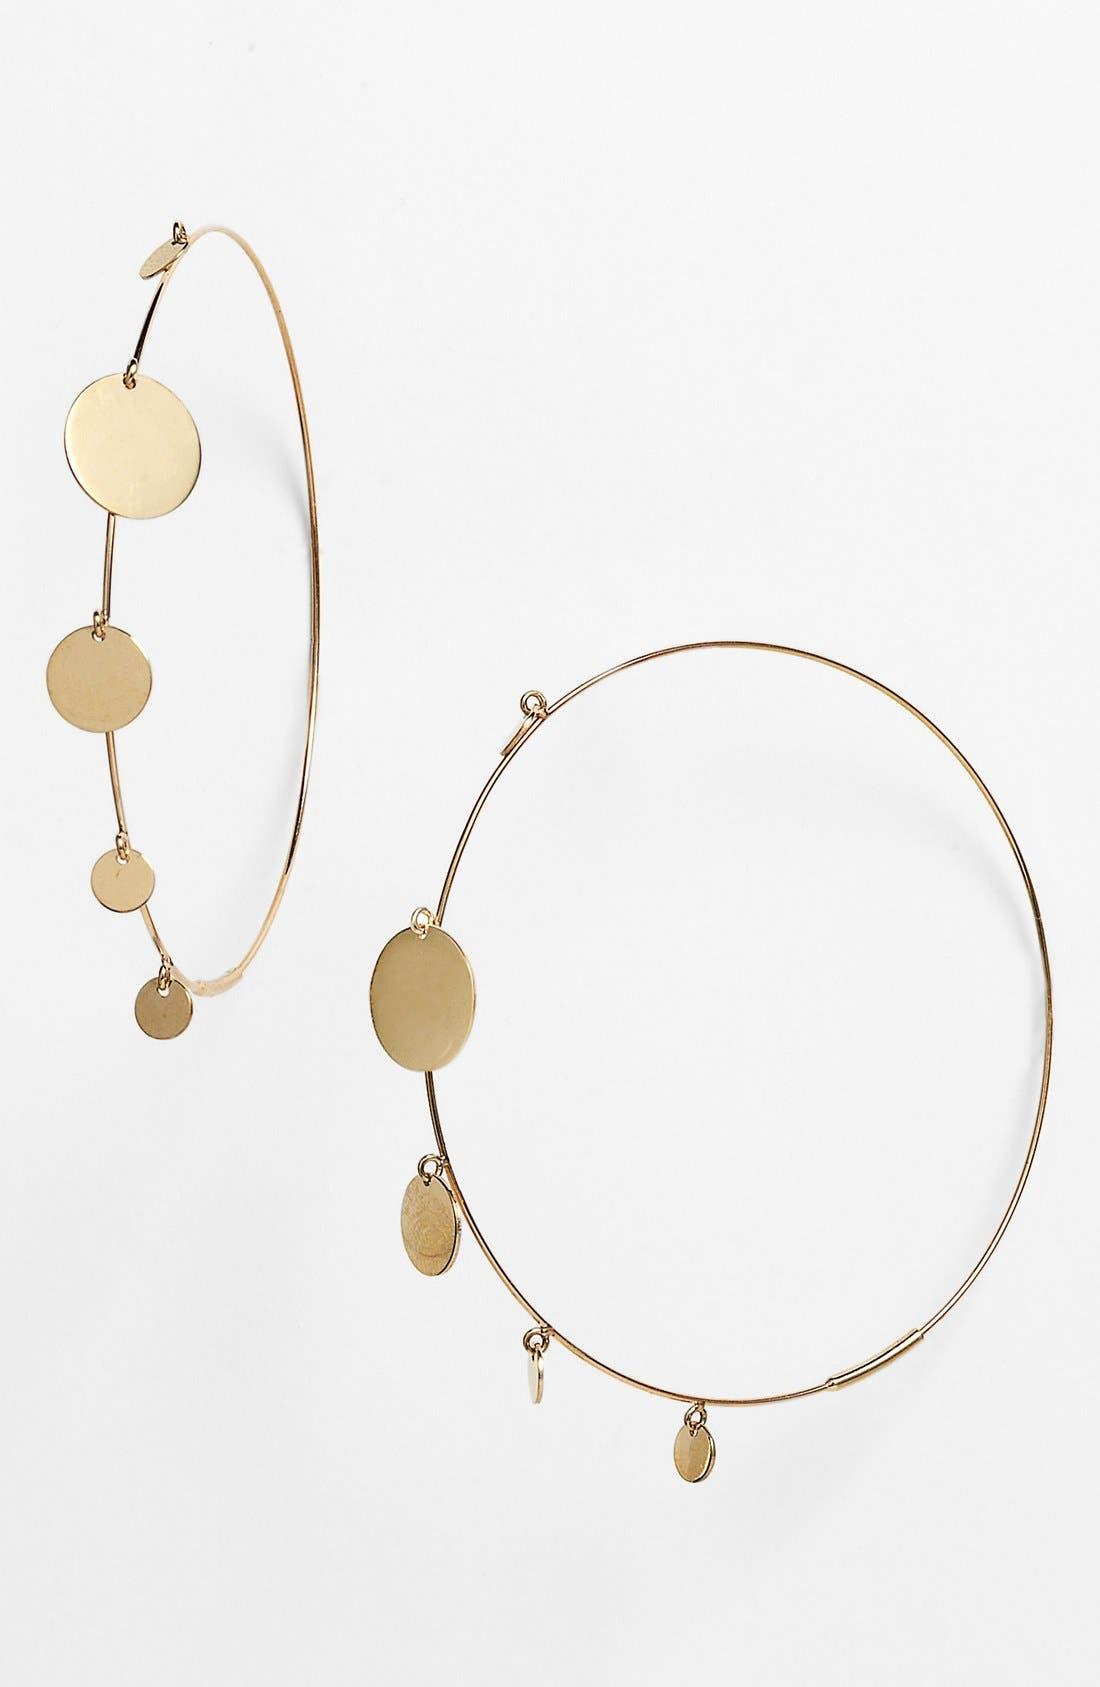 Alternate Image 1 Selected - Lana Jewelry 'Gypsy' Hoop Earrings